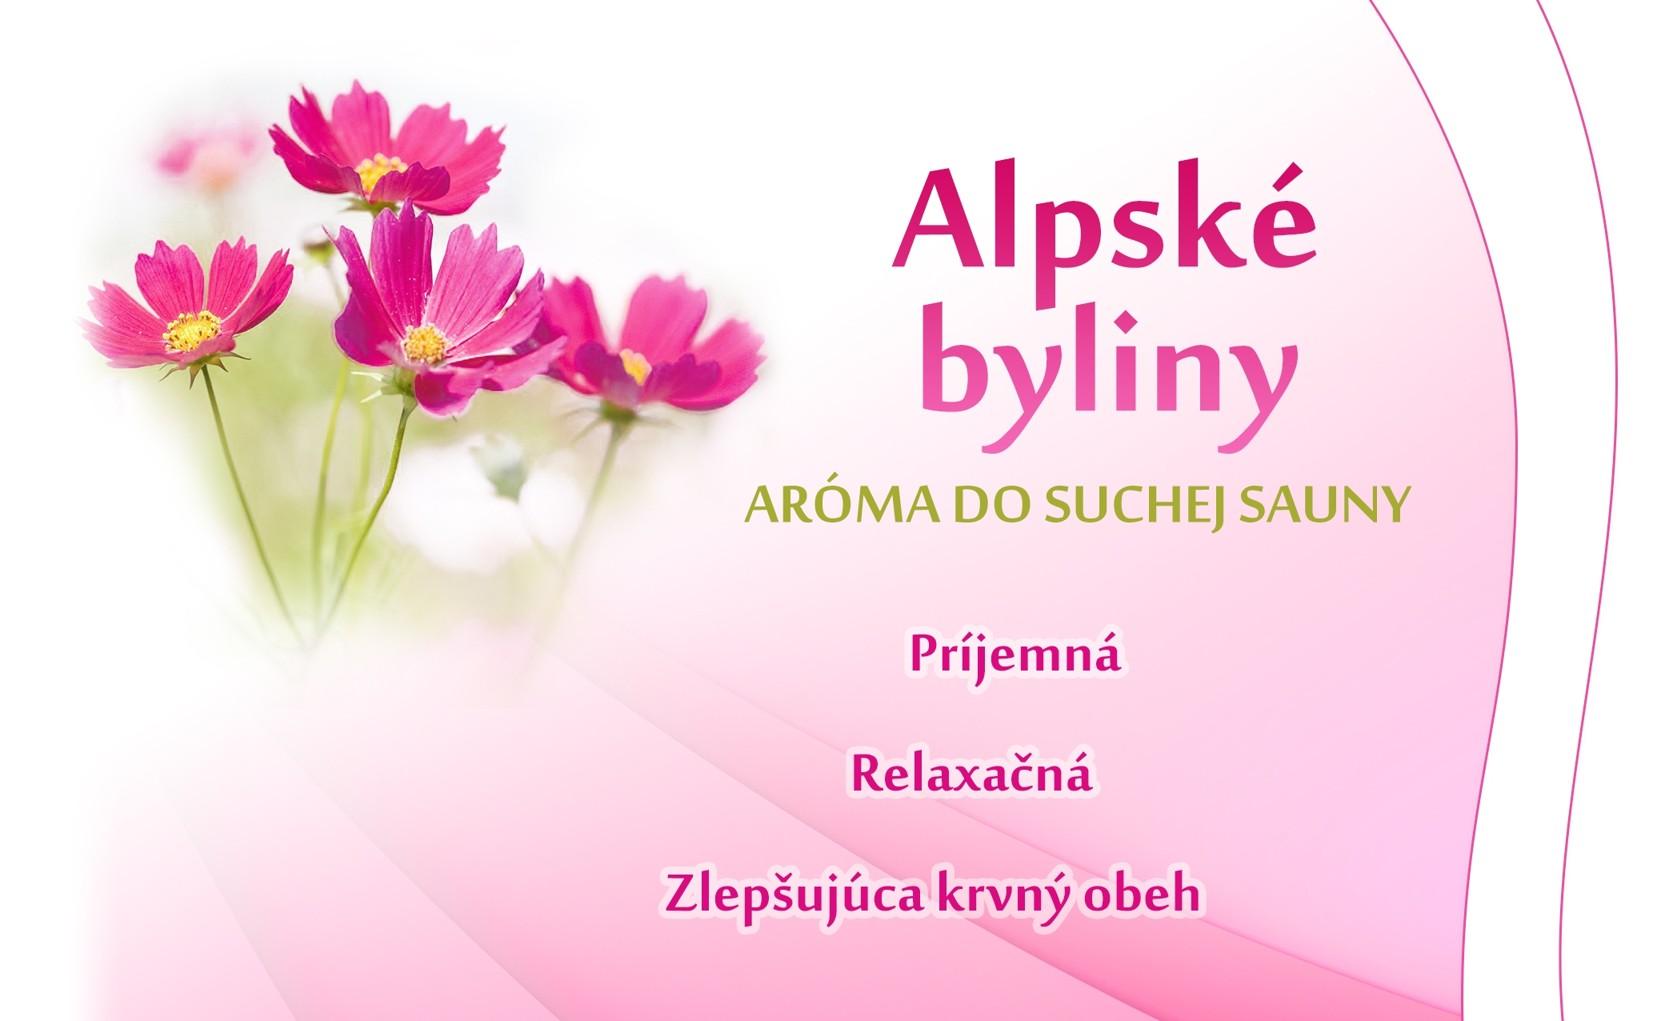 Alpské bylinky - suchá sauna